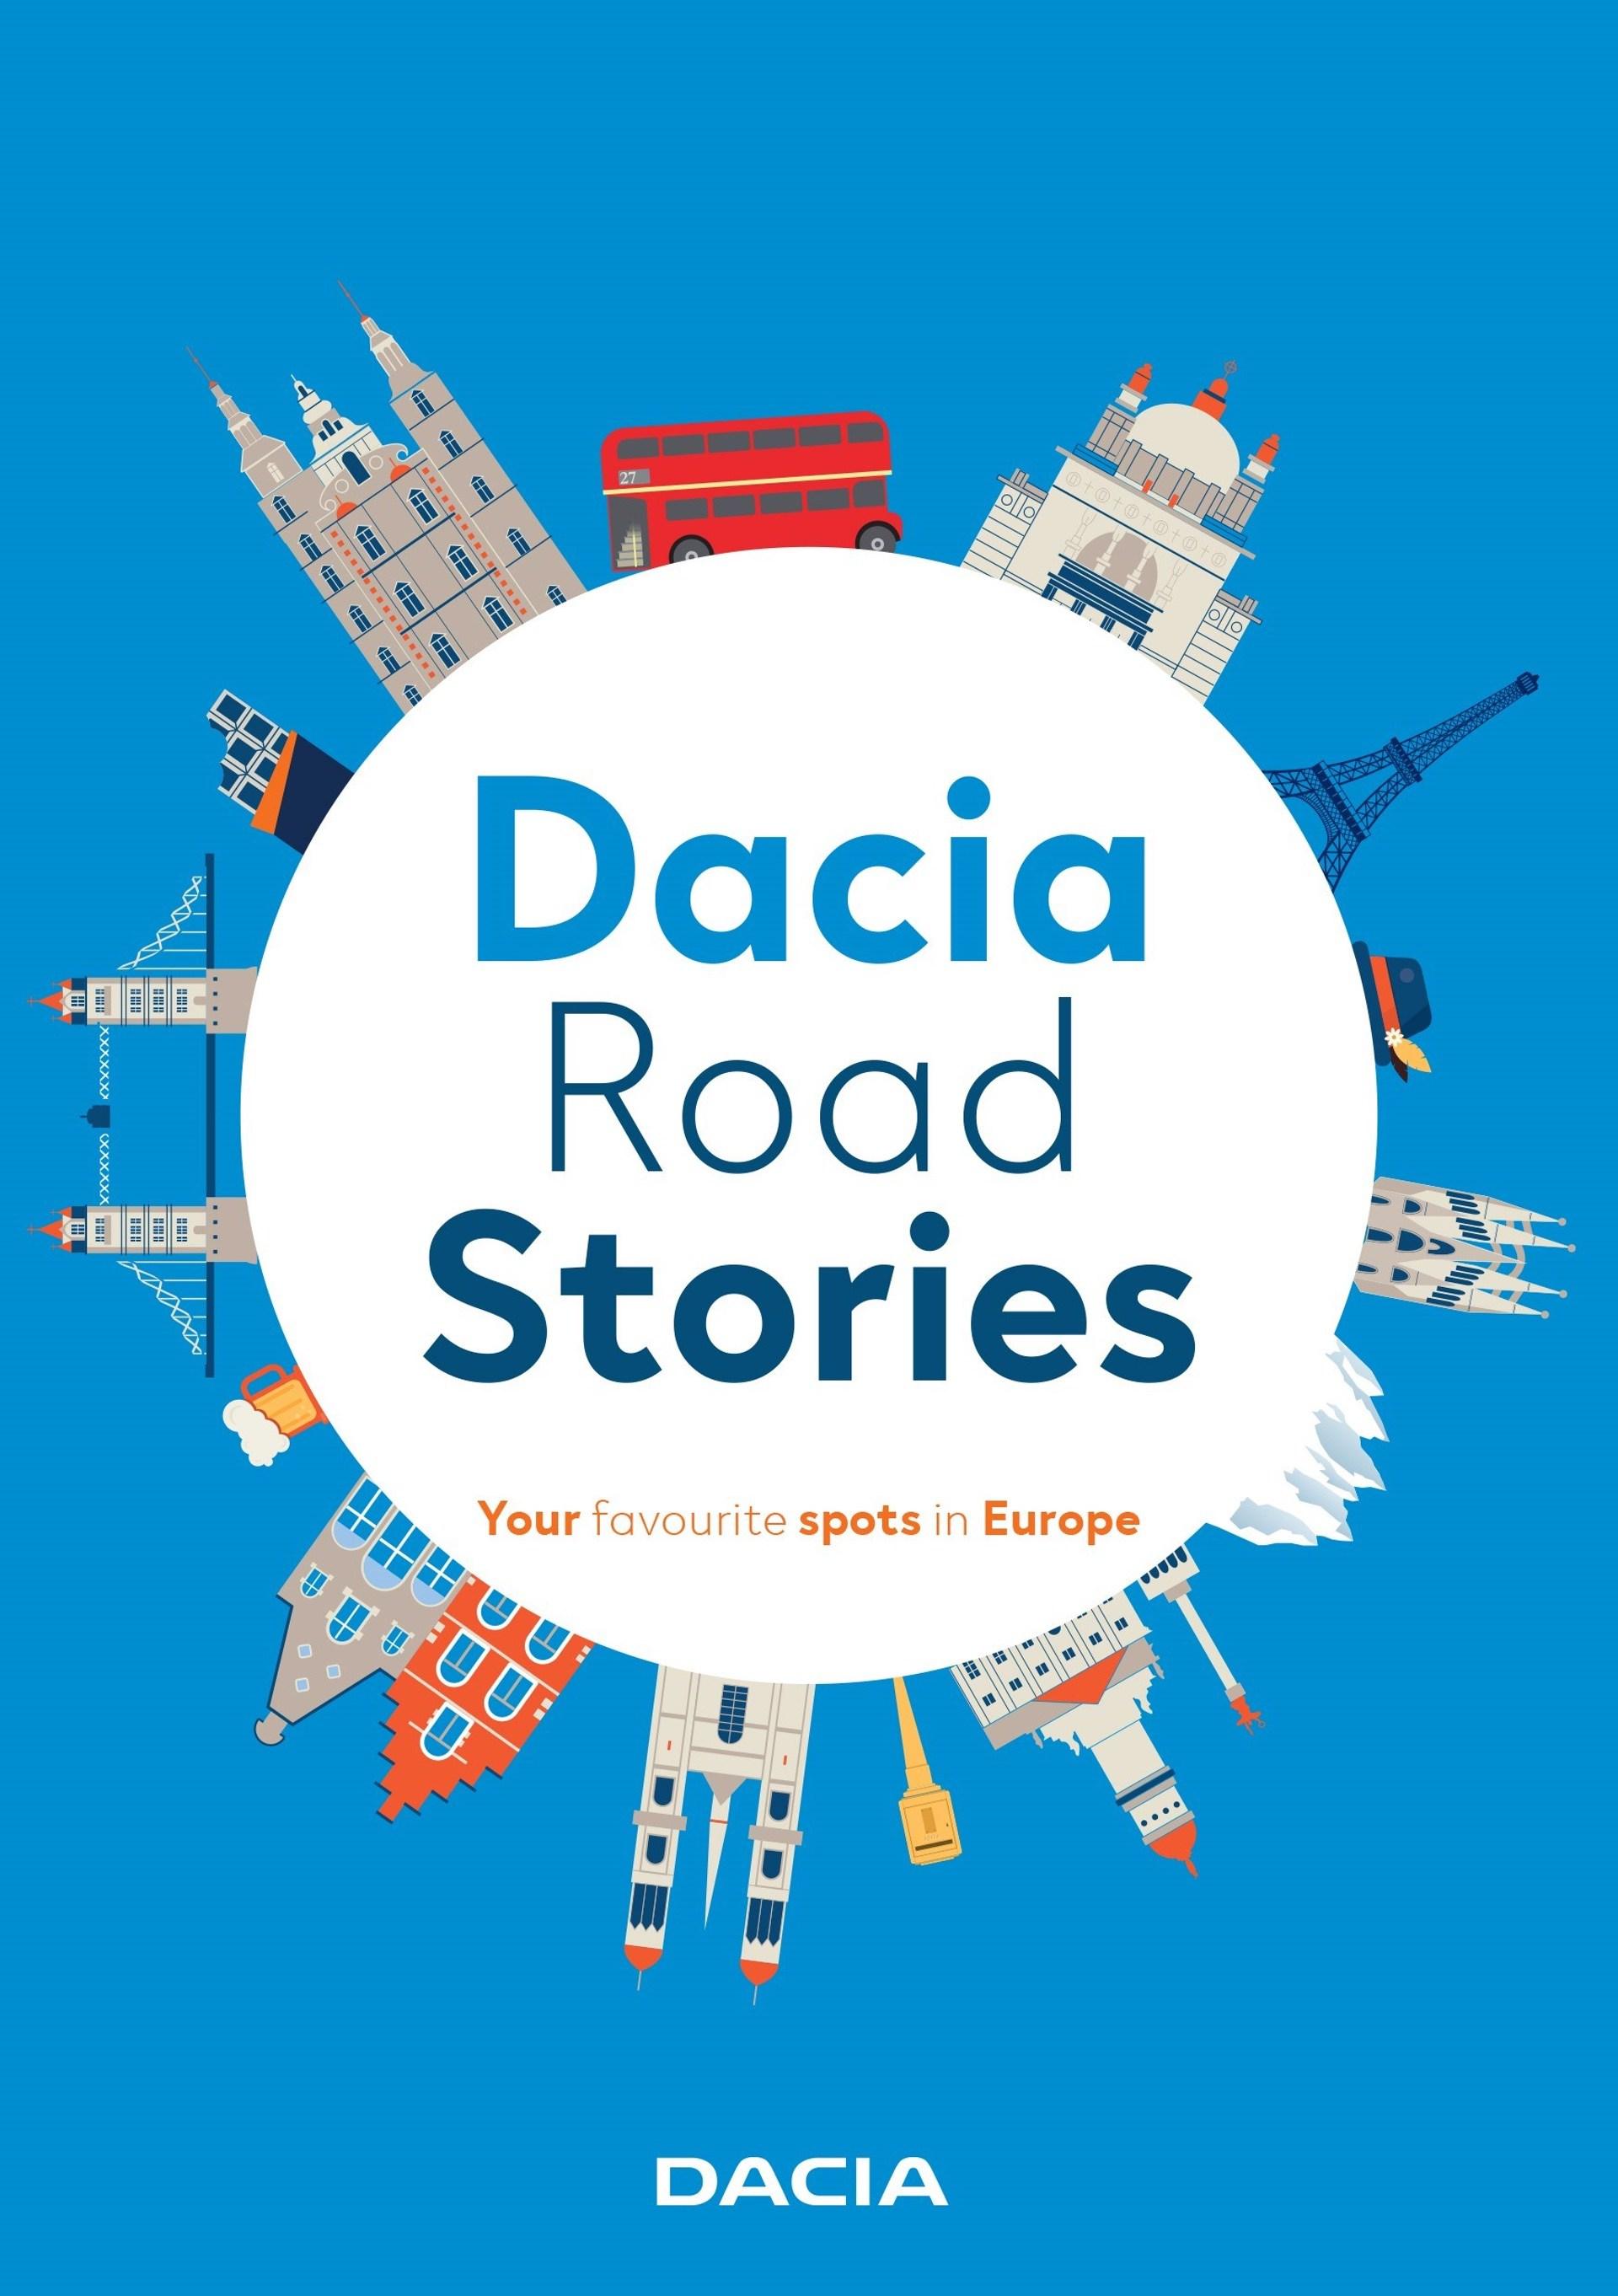 #DaciaRoadStories